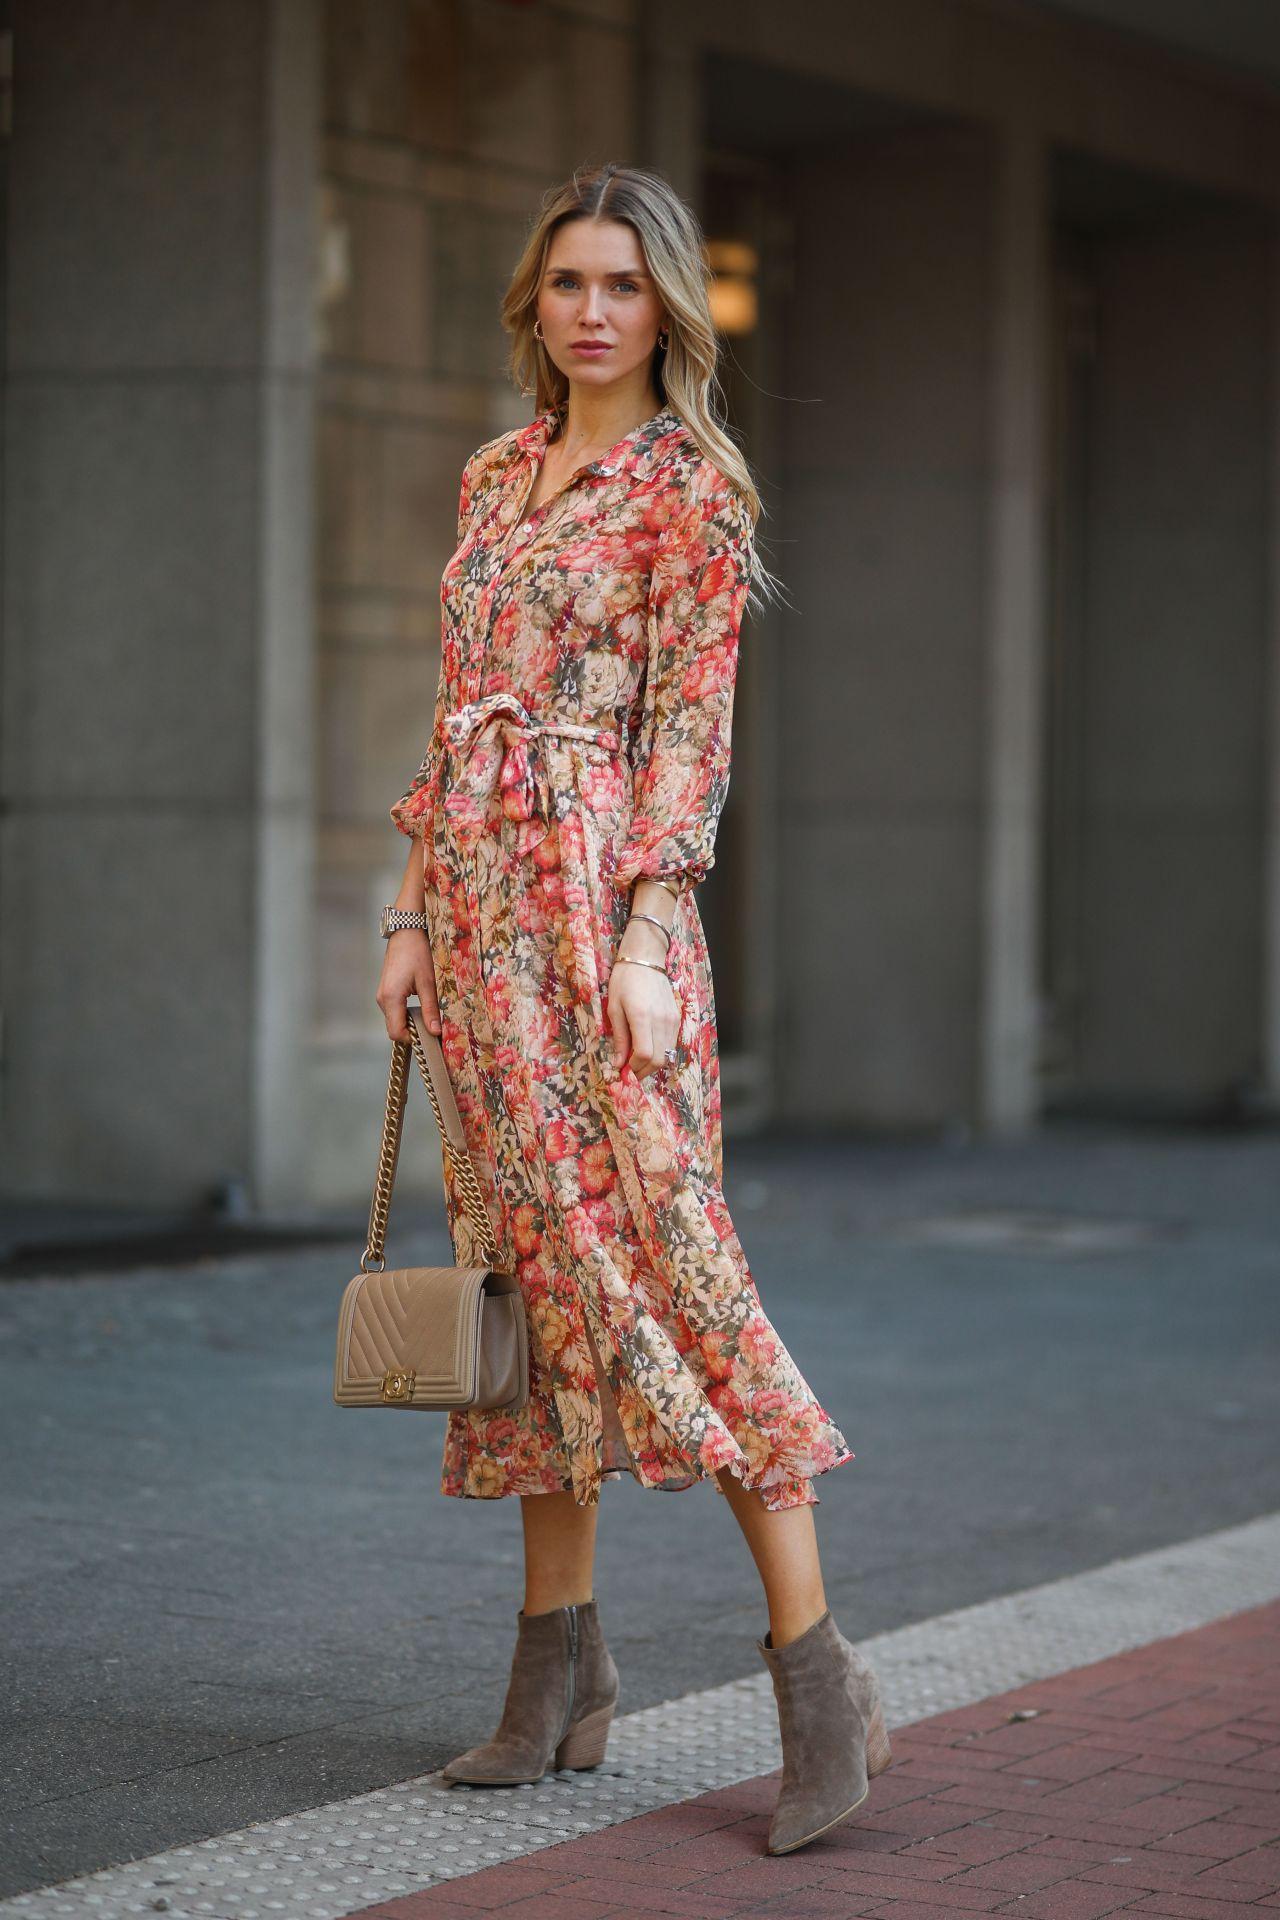 Gyönyörű virágos ruhák közül válogathatunk, próbáljunk fel többet is, hogy megtaláljunk a fazonban és színekben is leginkább megfelelőt.